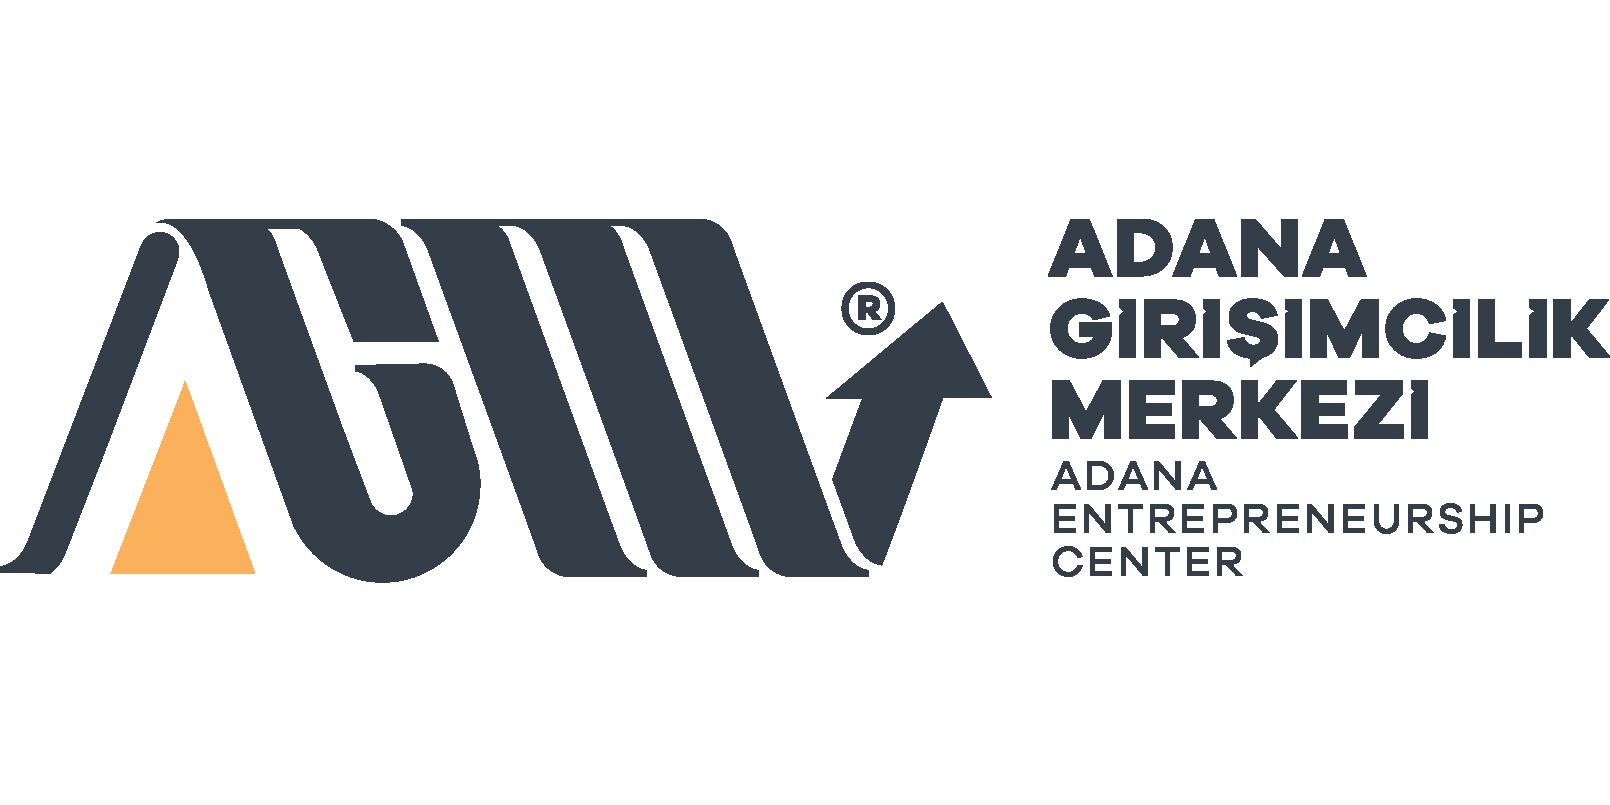 Adana Girişimcilik Merkezi